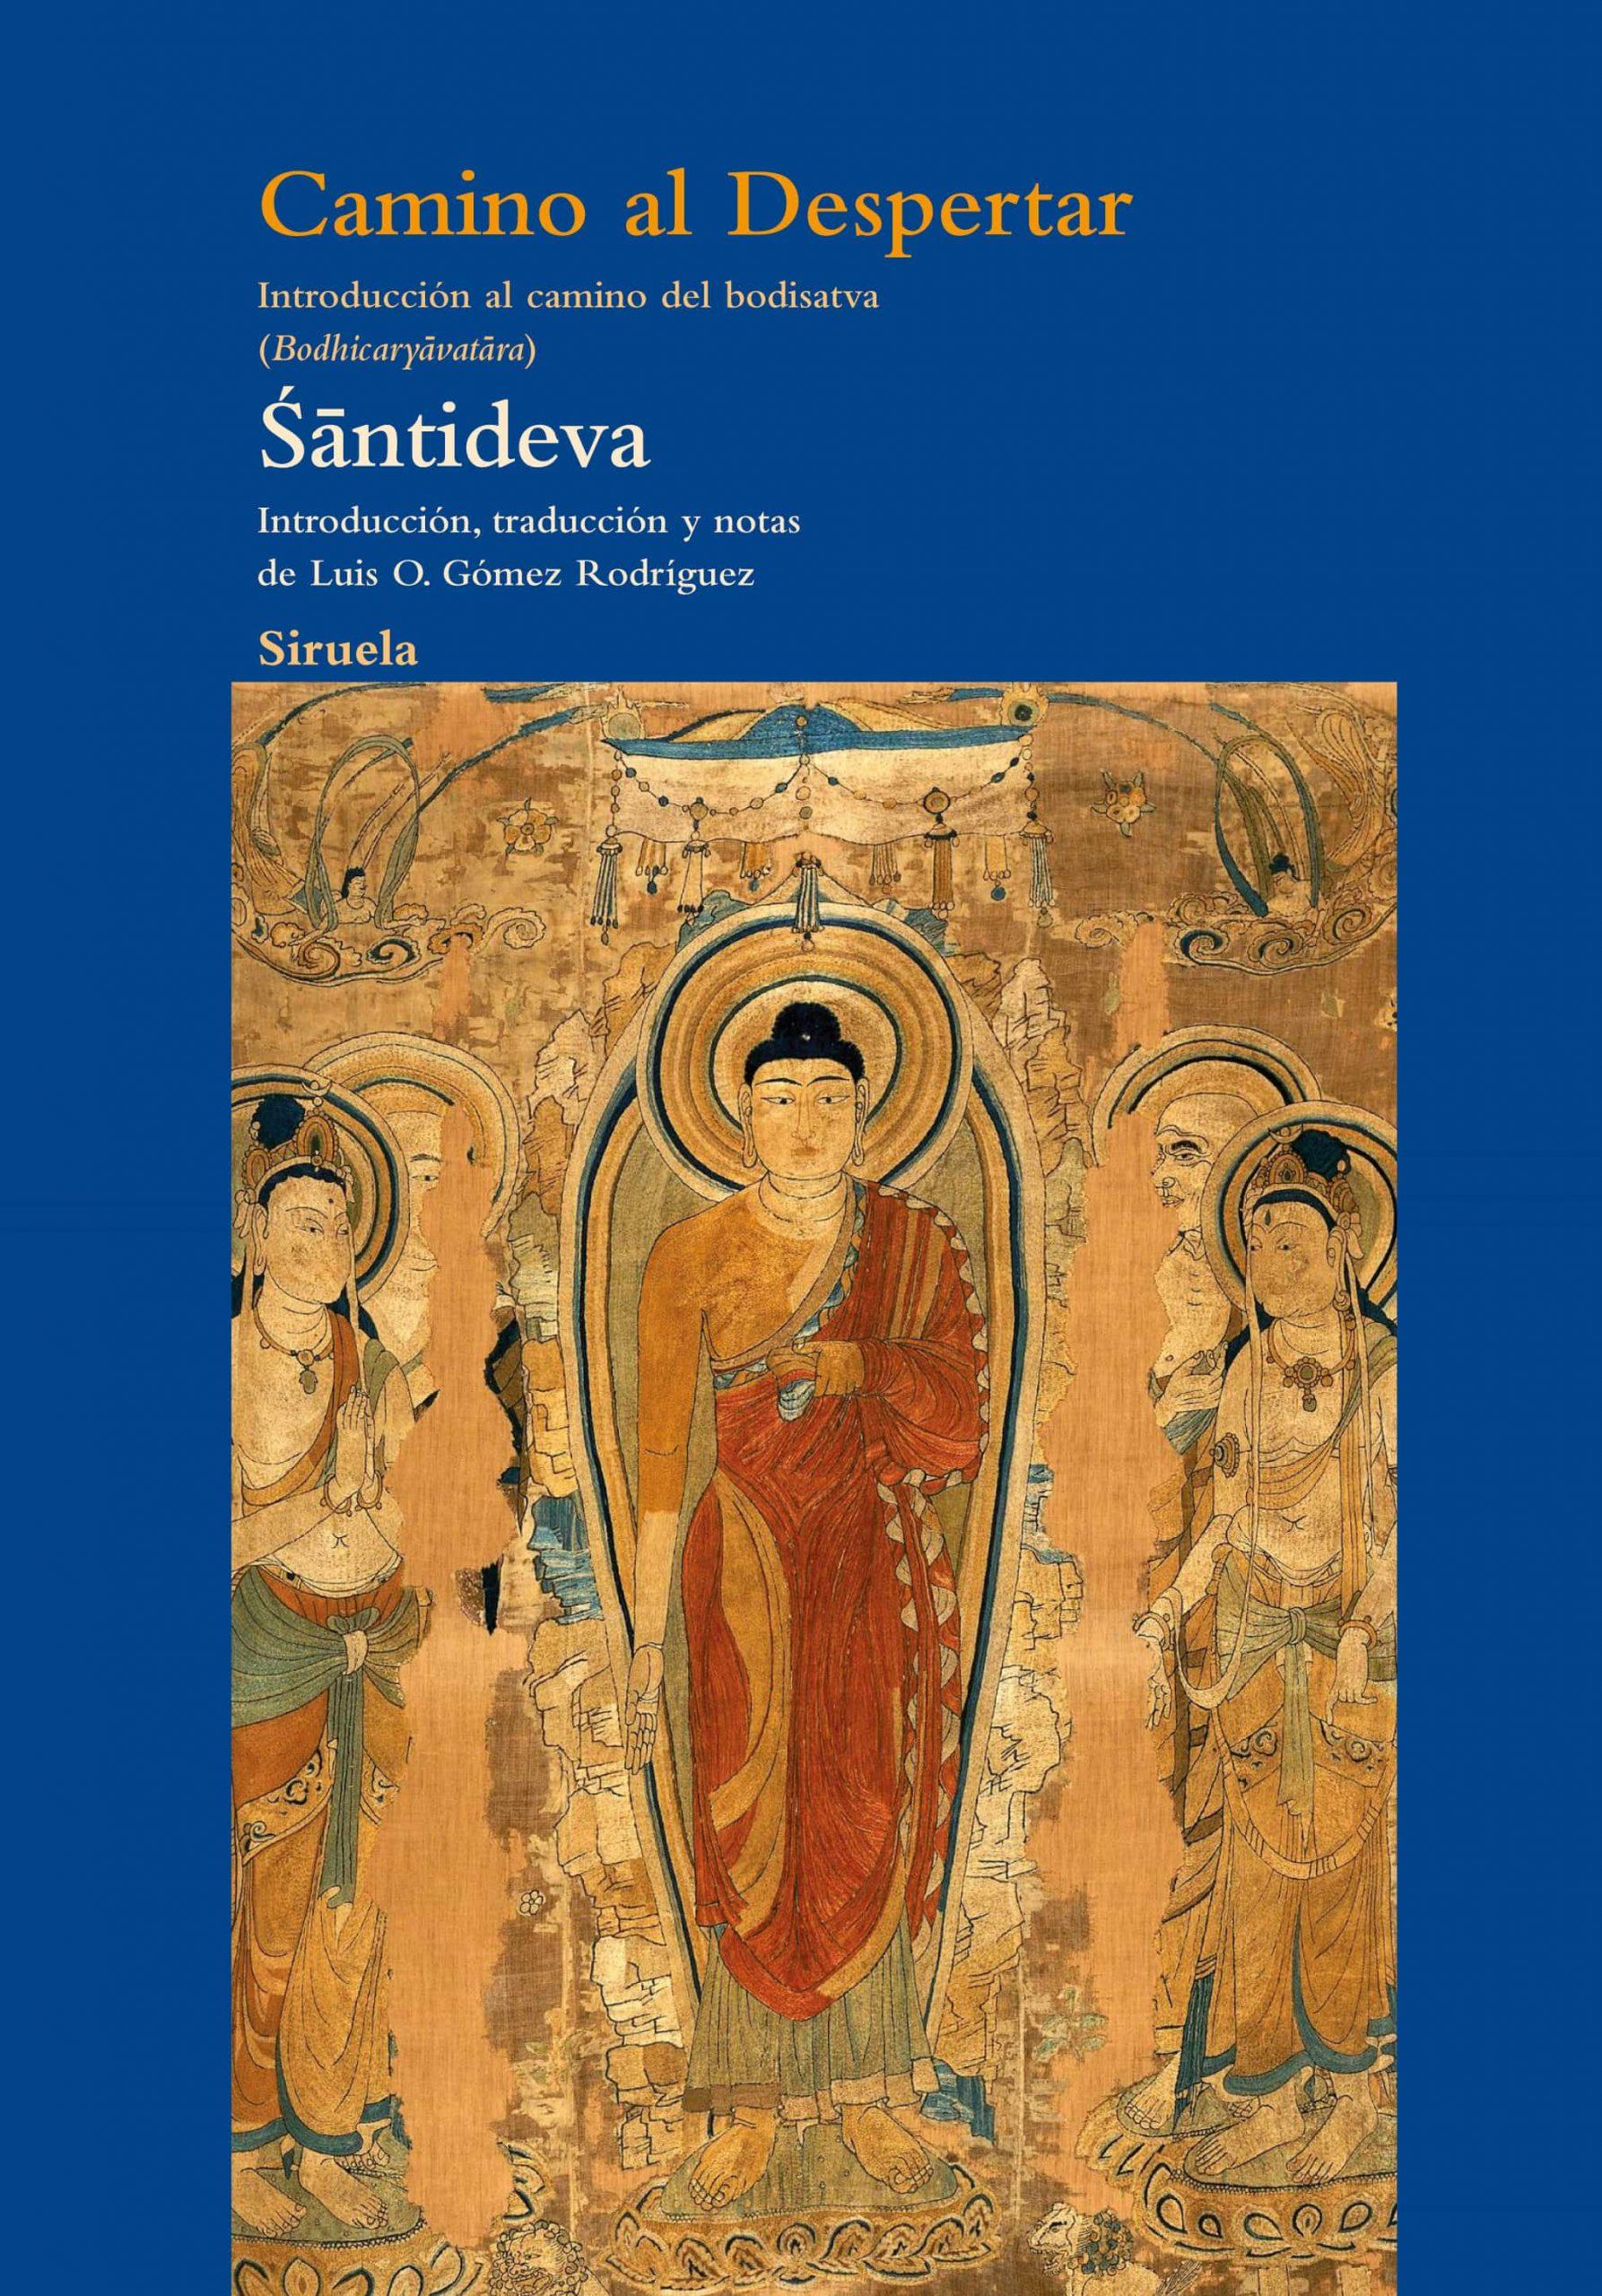 Carátula del libro: Camino al Despertar: Introducción al camino del Bodhisattva